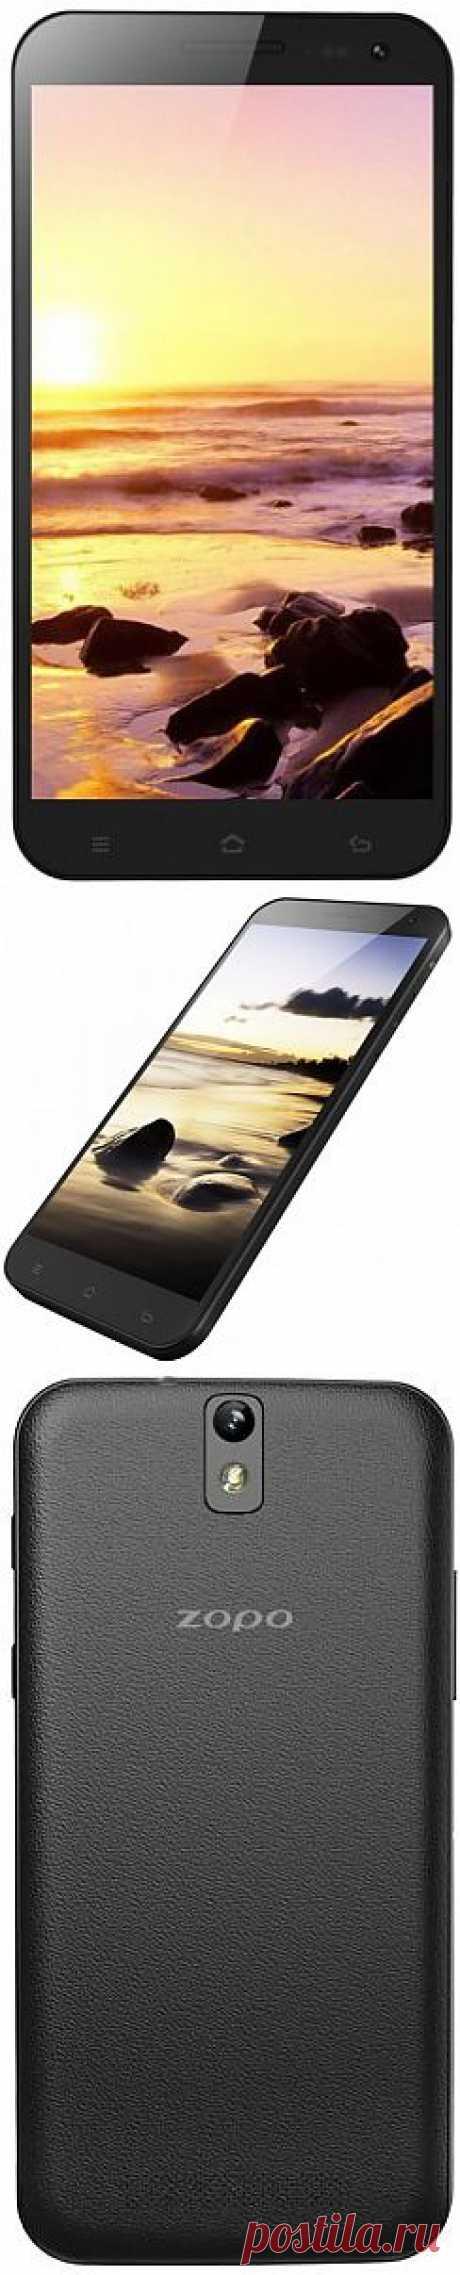 (+1) тема - Zopo анонсировала смартфон ZP998 на платформе MediaTek MT6592 | Мобильные новости